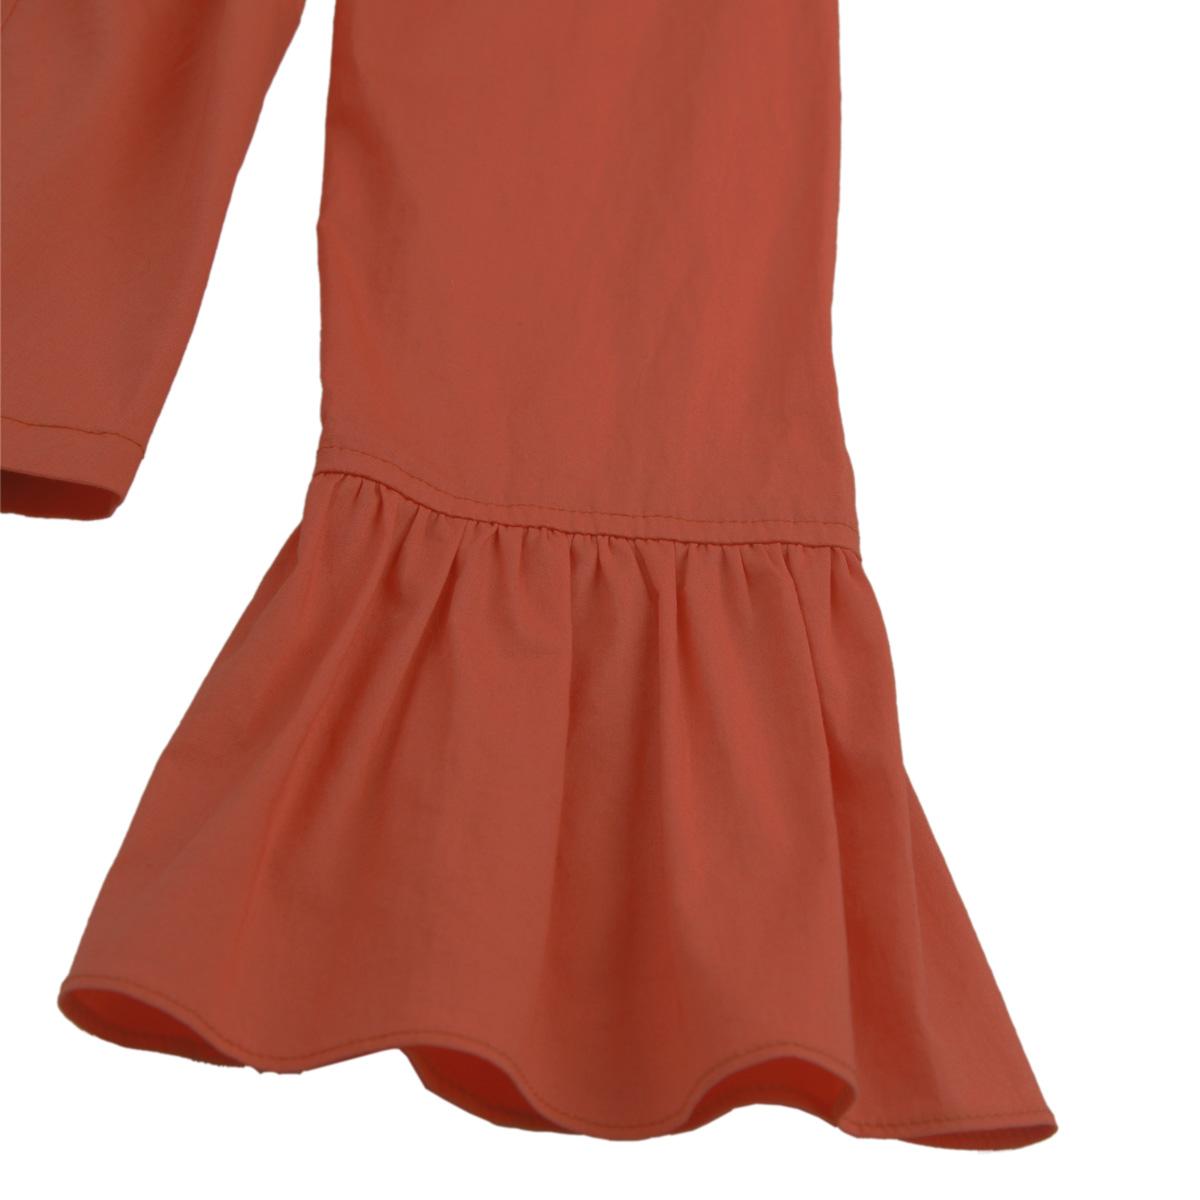 женская рубашка OSA sc00215 2011 OL C00215